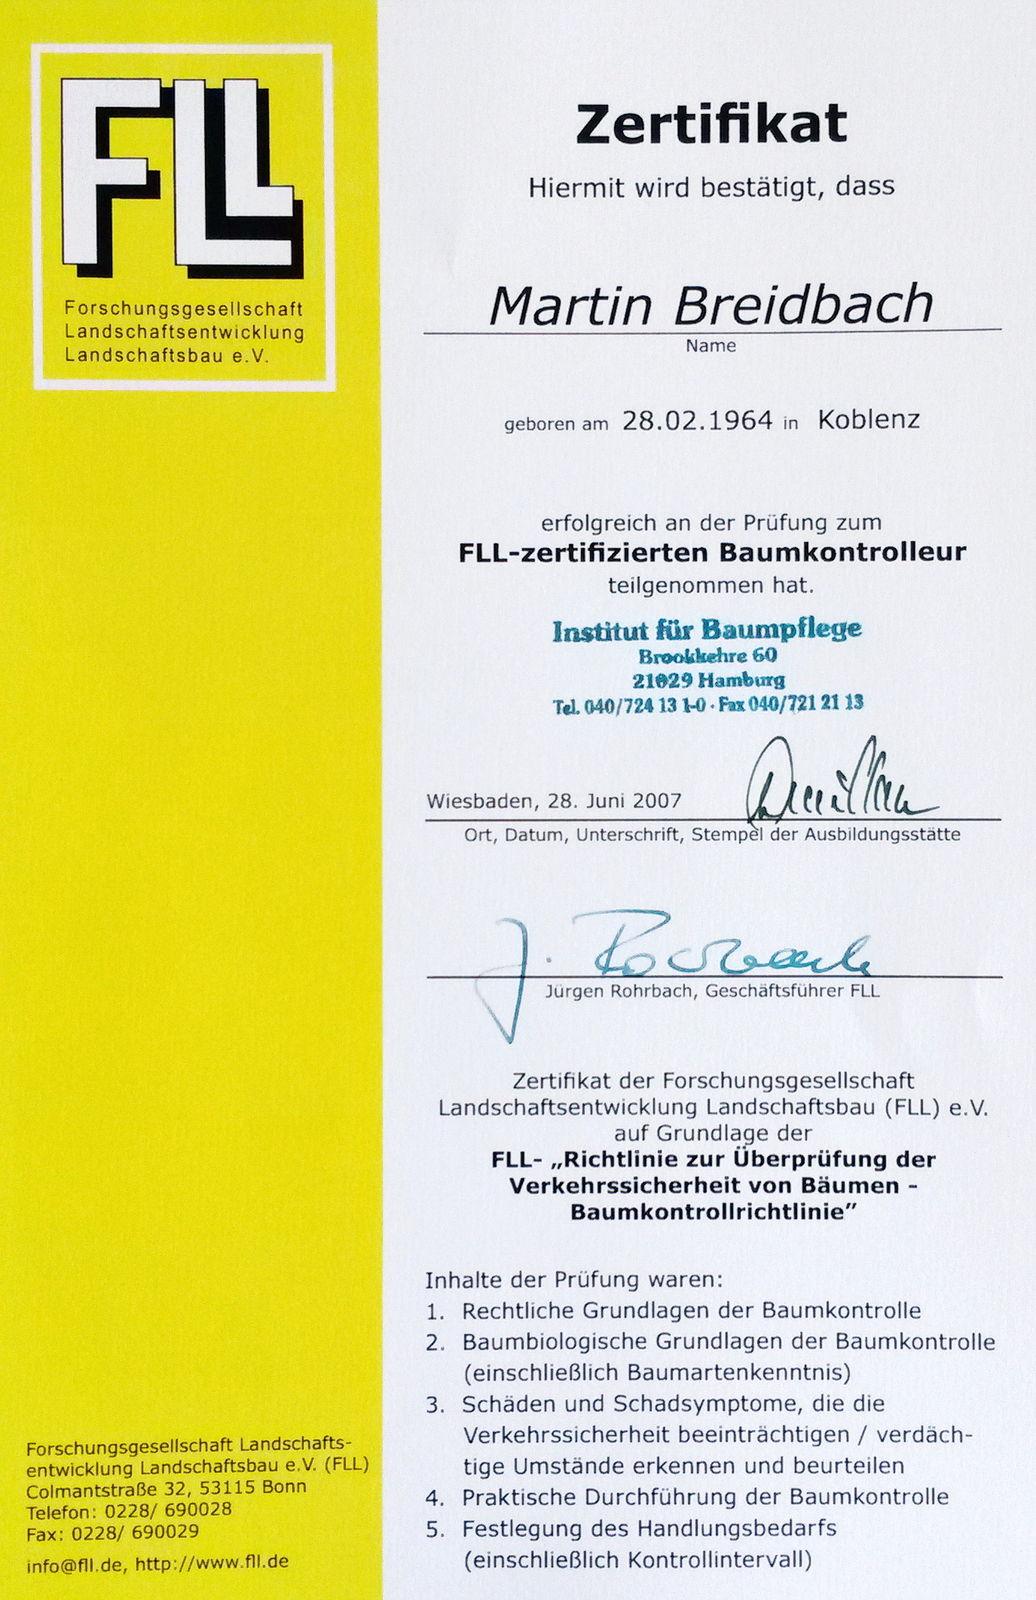 Zertifikat der Forschungsgesellschaft Landschaftsentwickluung Landschaftsbau